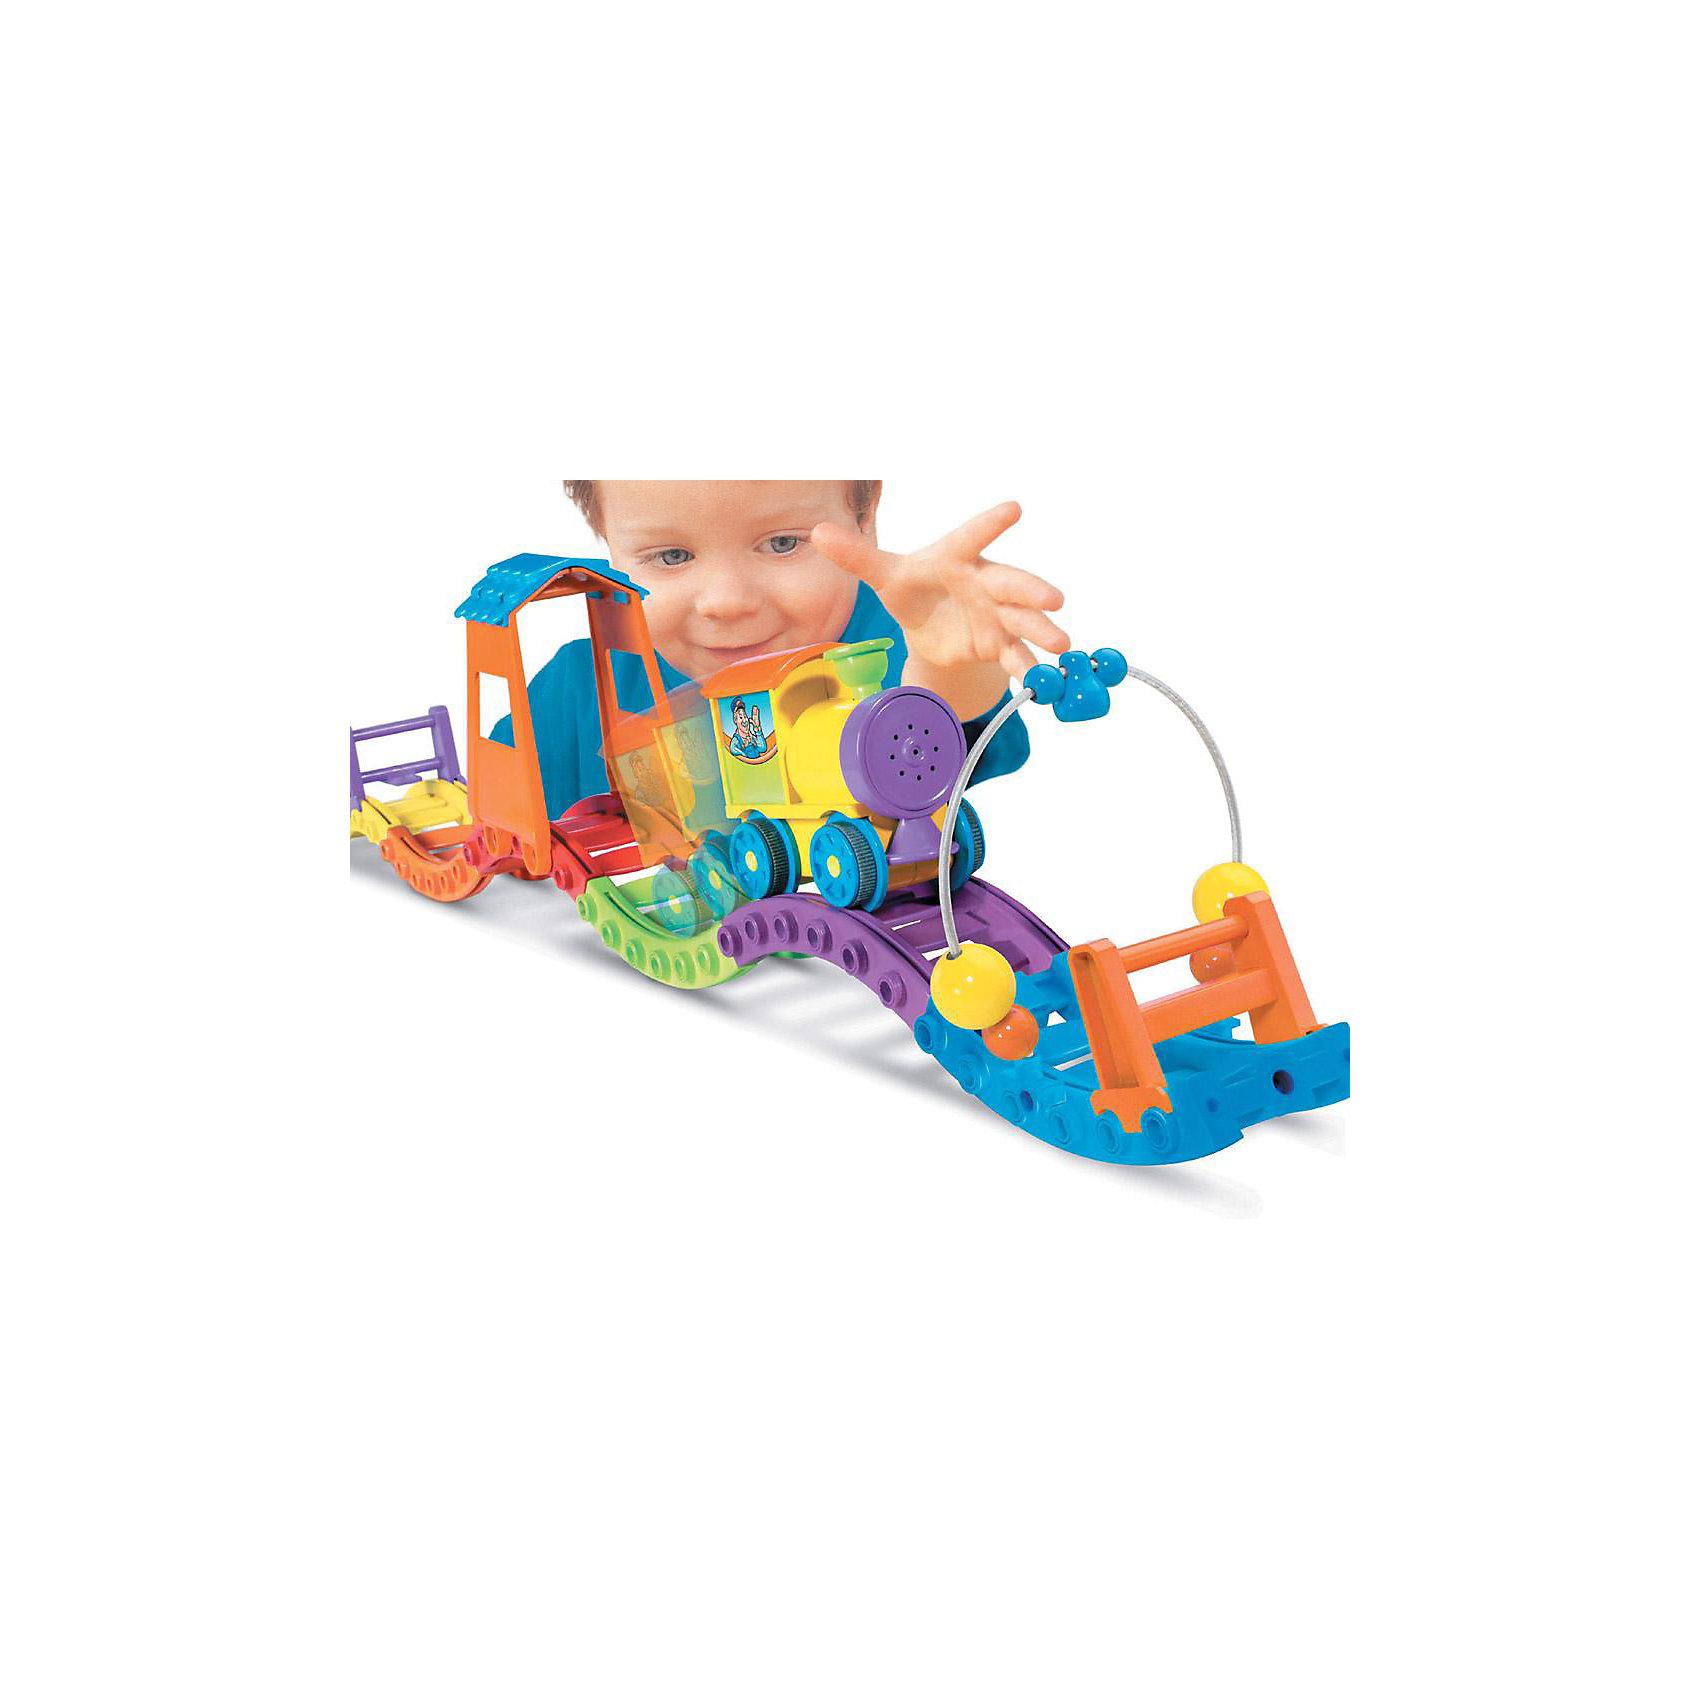 """Паровозик Чу-Чу, TOMYКрасочный, яркий и удивительно интересный паровозик фирмы ТОМY (Томи) не оставит ни одного малыша равнодушным! <br><br>Дети могут играть с этой невероятной игрушкой уже в возрасте от 1,5 лет.<br>С помощью разноцветных рельсов, входящих в комплект, Ваш малыш сможет создать свою первую собственную железную дорогу. Детали дороги очень хорошо состыкуются между собой, а их специальная форма позволяет Вашему ребёнку создавать дороги самых разнообразных форм. Это может быть и волнообразная дорога,  дорога с маленькими горками и даже дорога в форме замкнутого круга! Здесь Ваш ребёнок может использовать всю свою фантазию! Более того железную дорогу также можно украсить с помощью арки с забавными шариками и красочного тоннеля.<br><br>После того как дорога будет построена, ребёнок может  поставить на неё забавный интерактивный паровозик. Нажав на трубу паровозика, он со свистом и веселым звуком """"Ту-ту"""" помчится по железной дороге. Чтобы паровозик не упал, существуют два ограничителя. Сталкиваясь с ними, и с любыми другими препятствиями, паровозик меняет направление своего движения. Если он двигался вперёд, то при столкновении понесётся назад, и наоборот.<br><br>С помощью этой уникальной игрушки у Вашего малыша будет развиваться воображение, мышление и фантазия, откроются новые таланты, так как он постоянно будет придумывать всё новые и новые варианты построения дороги. Более того, у него будет развиваться ловкость, моторика и координация.<br><br>Доставьте удовольствие Вашему ребёнку!<br><br>В набор входят:<br>- паровозик со звуком<br>- детали железной дороги 8 штук<br>- съёмный тоннель<br>- забавная арка с шариками<br>- 2 ограничителя<br><br><br>Дополнительная информация:<br>Материал: пластмасса высокого качества<br>Вес: 500 гр.<br><br>Размеры:<br>Длина всей дороги – 61 см<br>Паровозик – 9х5х8 см<br>Требуются 3 батарейки типа LR3 Micro (в комплект не входят)<br><br>Ширина мм: 345<br>Глубина мм: 210<br>Высота мм: 95<br>Вес г: 589<br>Возраст от месяцев: 12<b"""